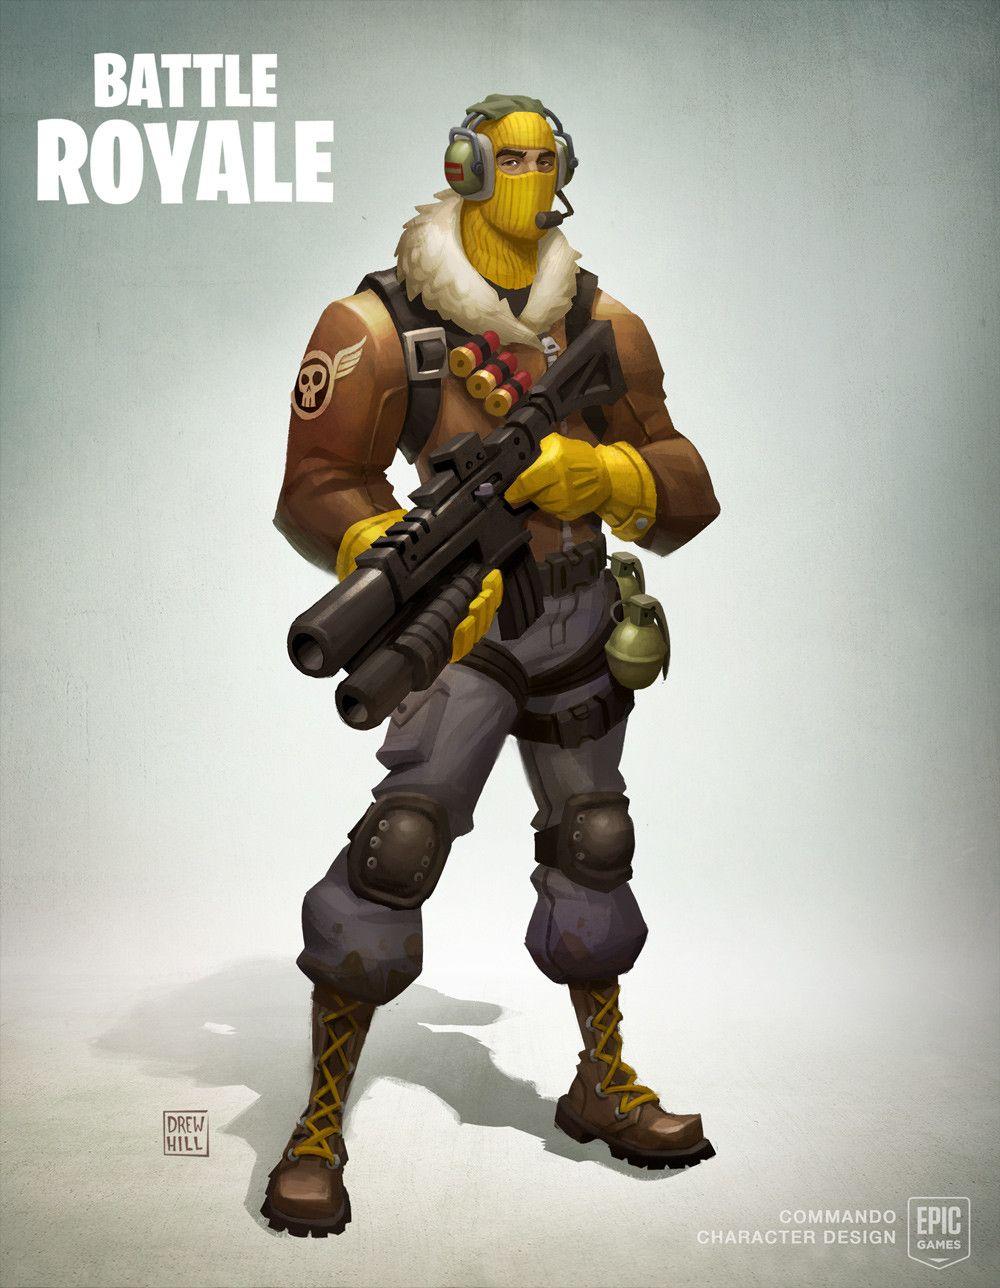 Artstation Fortnite Battle Royale Concept Art Drew Hill Games